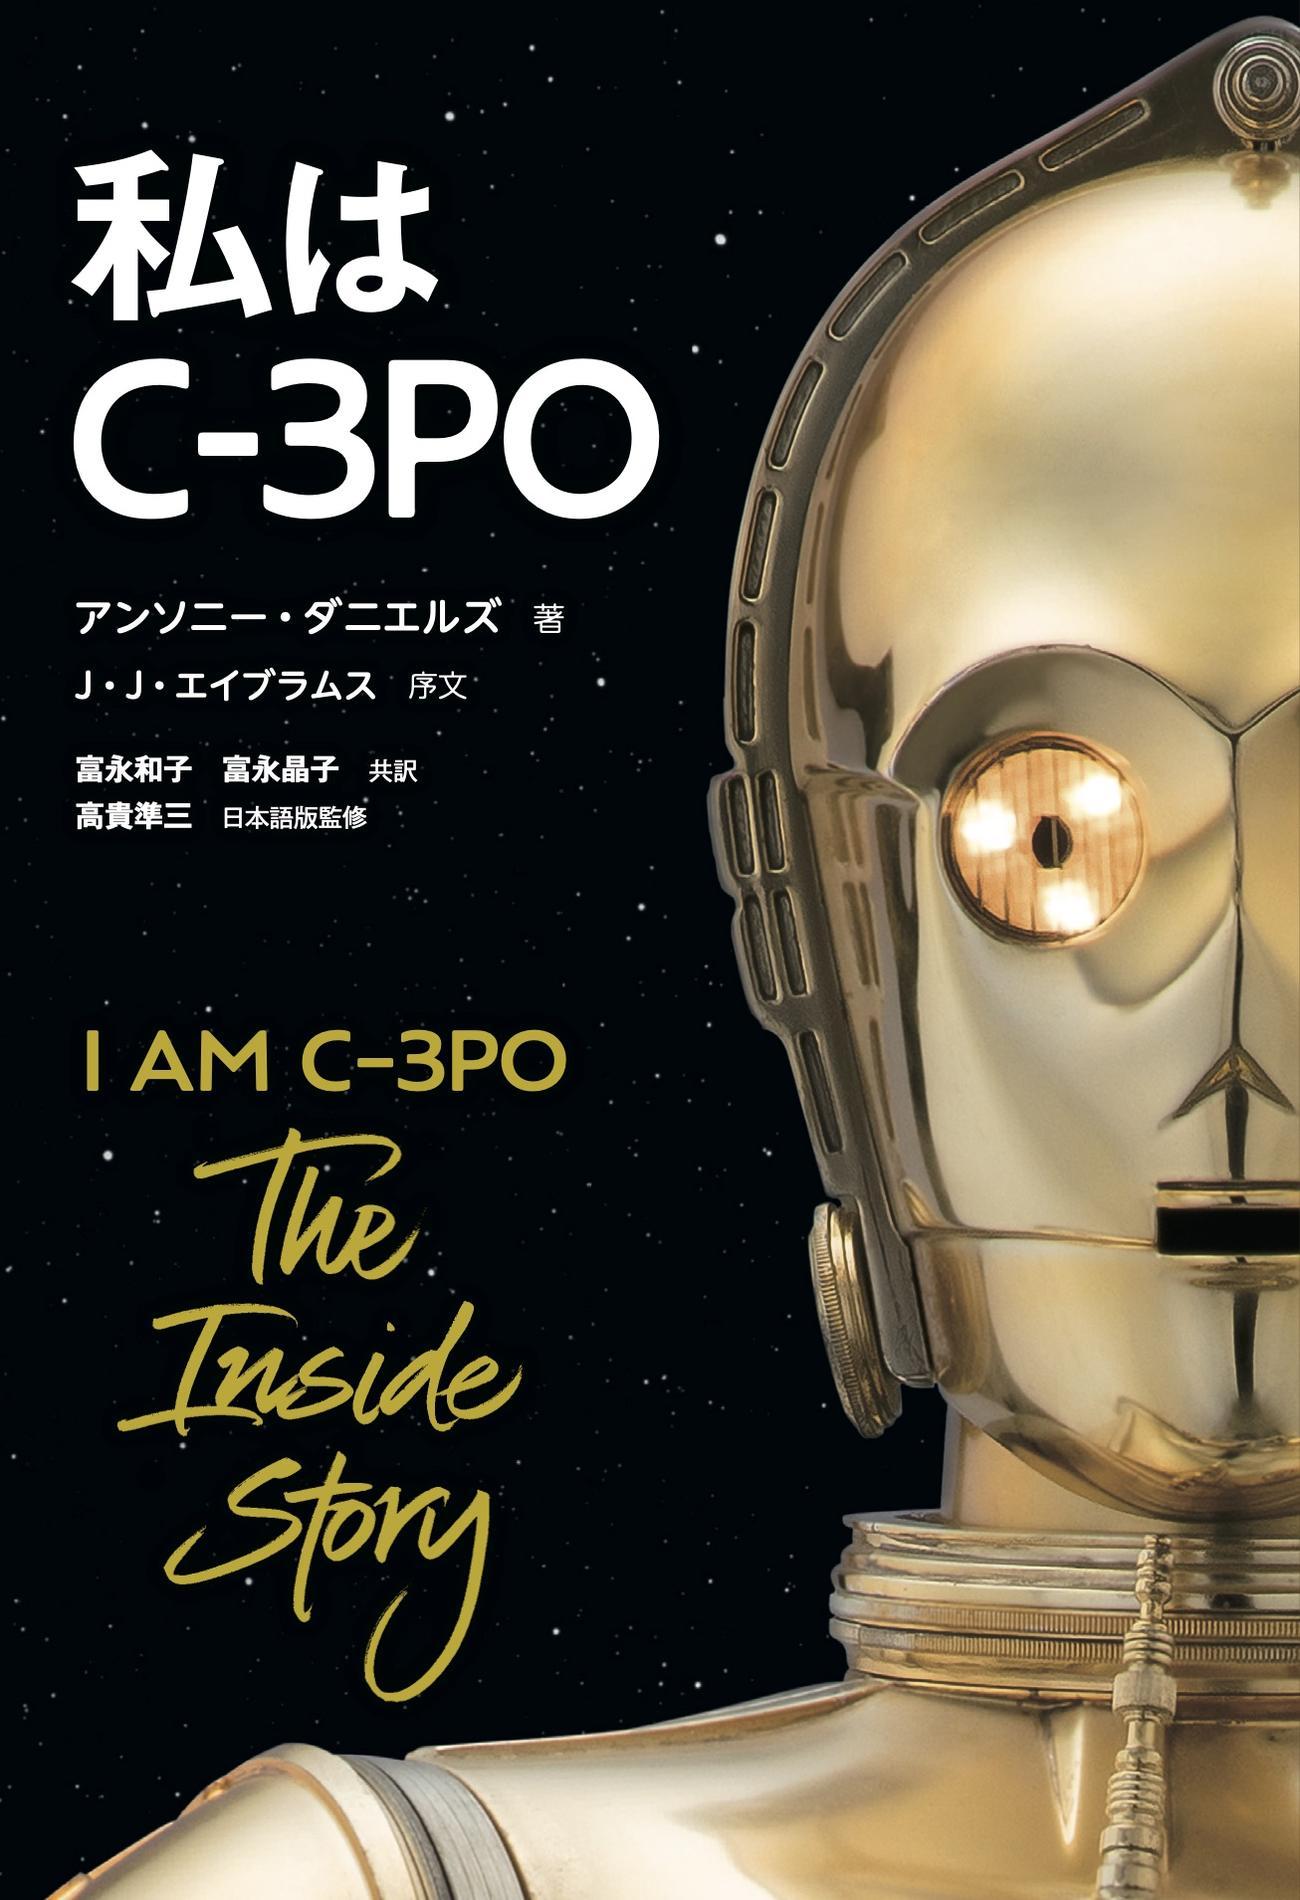 アンソニー・ダニエルズ著「私はC-3PO」(世界文化社刊)